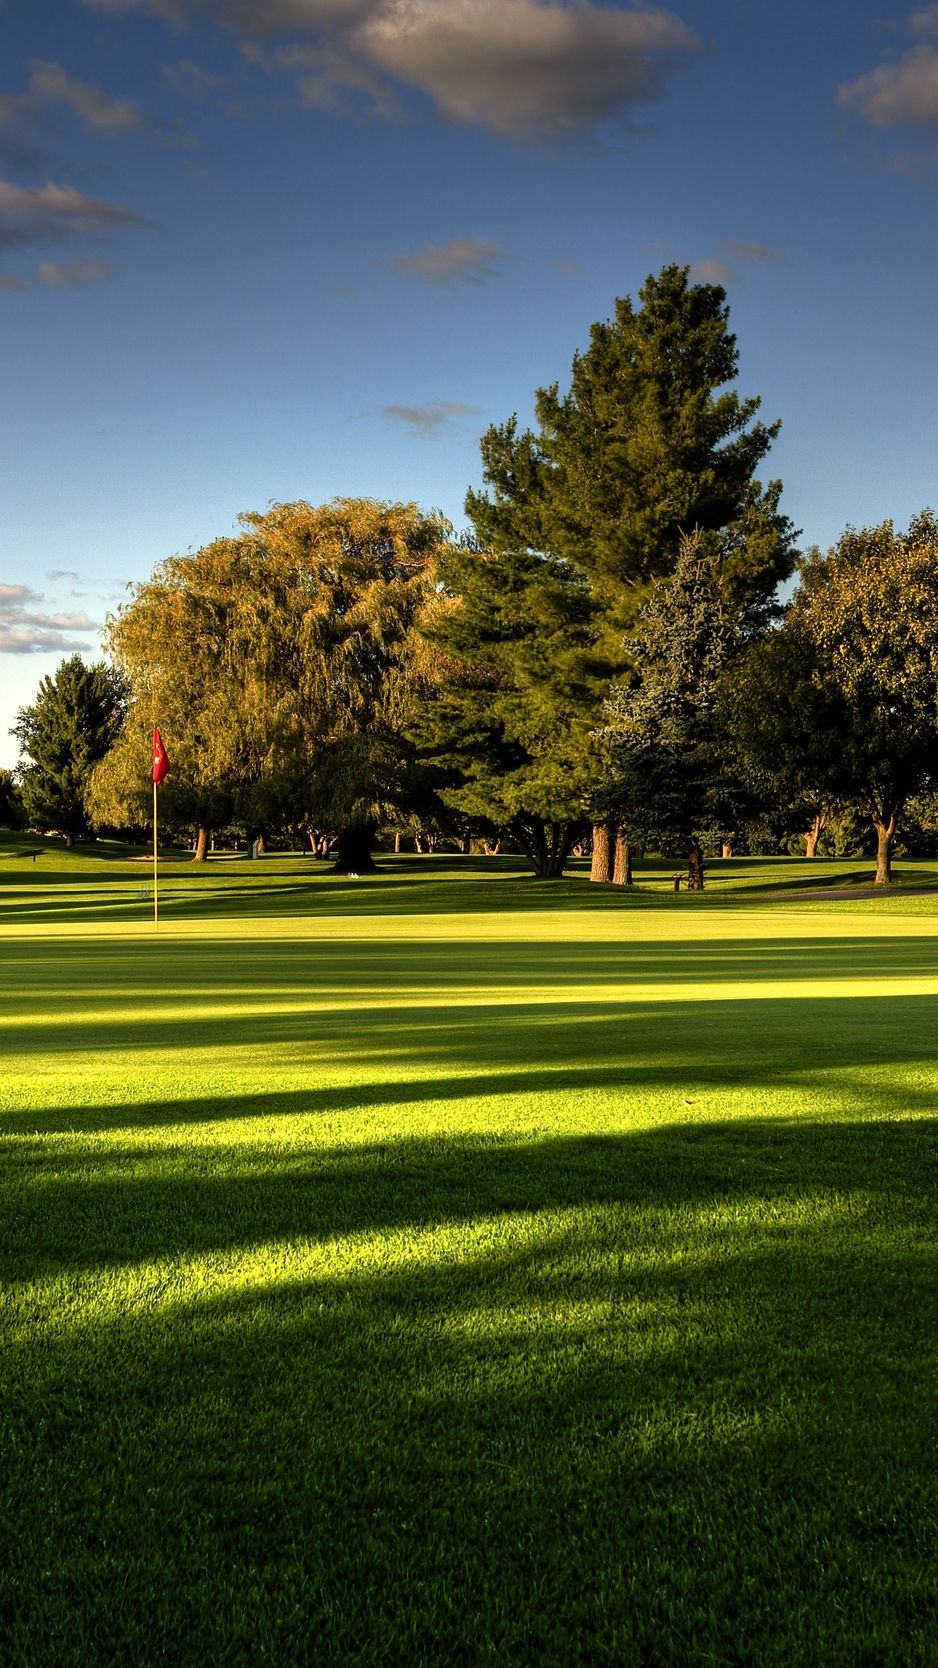 938x1668 Wallpaper lawn, field, golf, trees